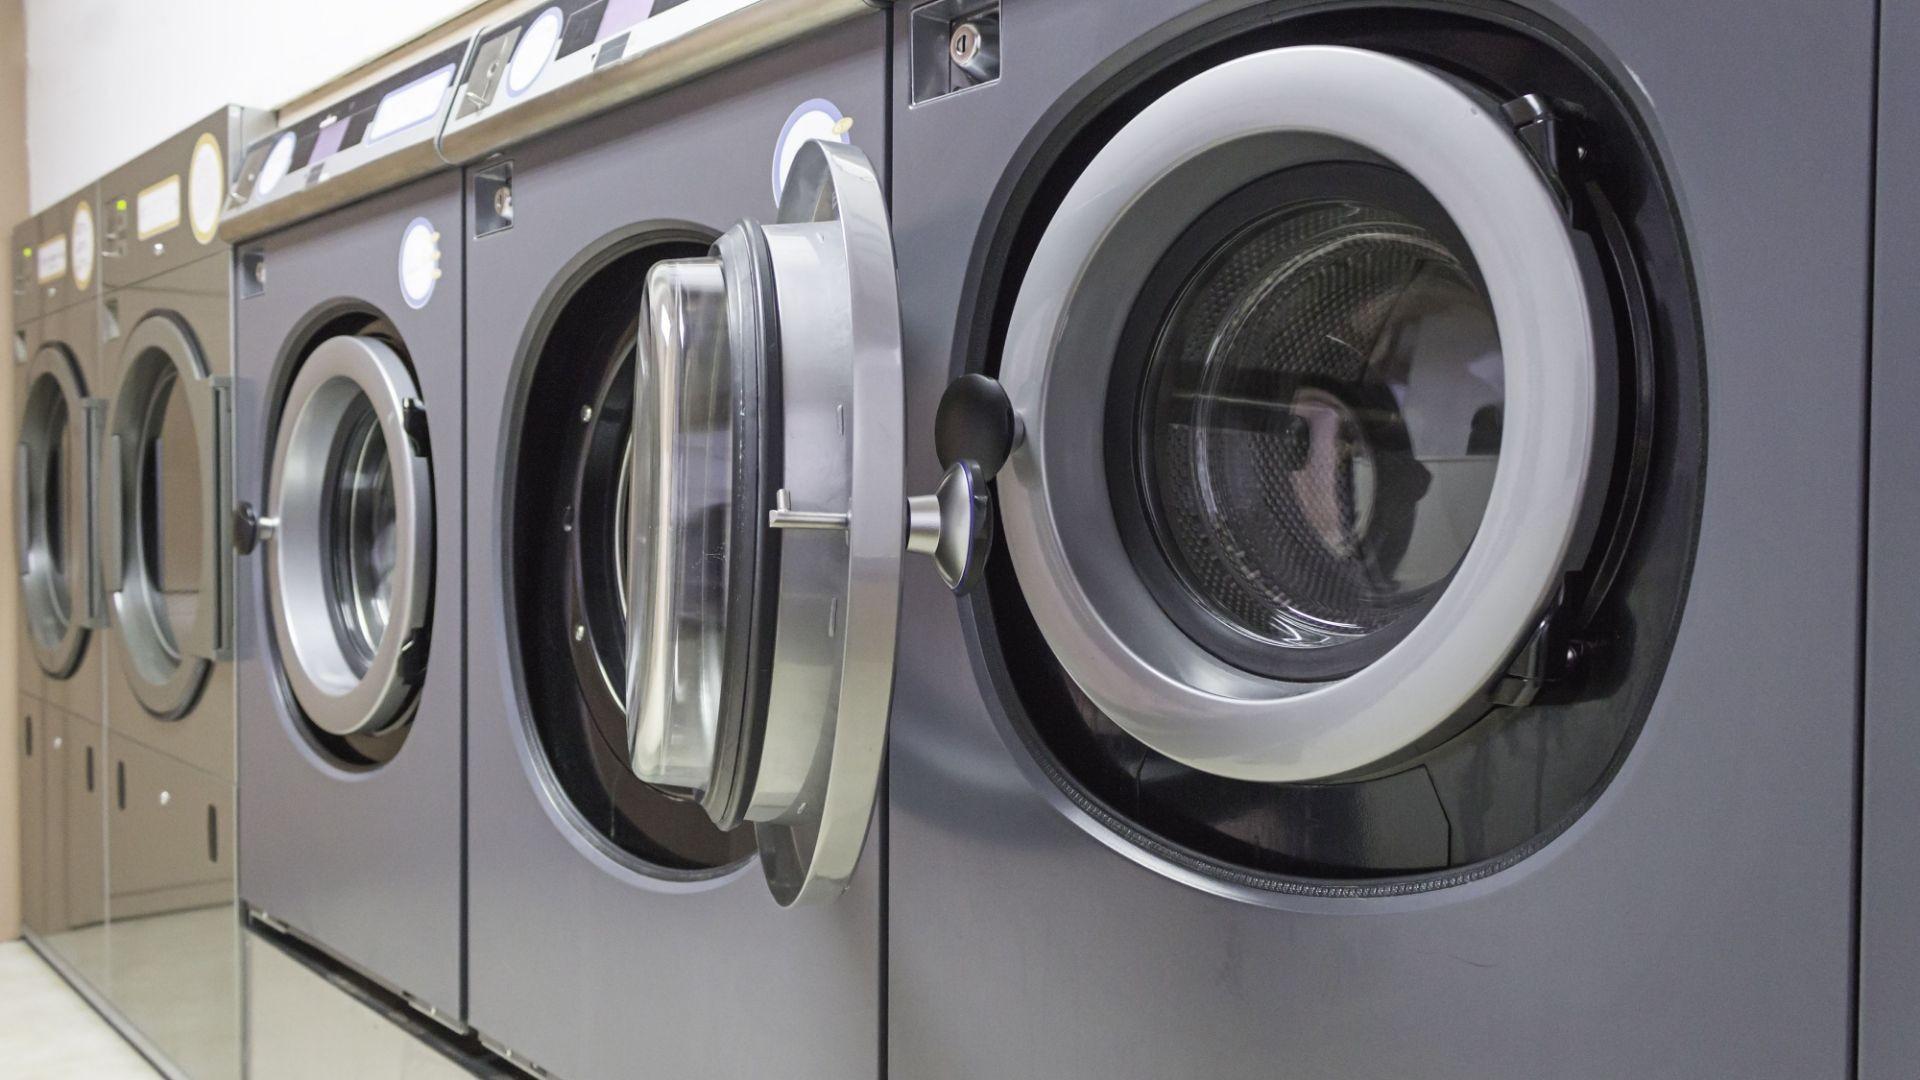 Le solucionamos el lavado y el planchado